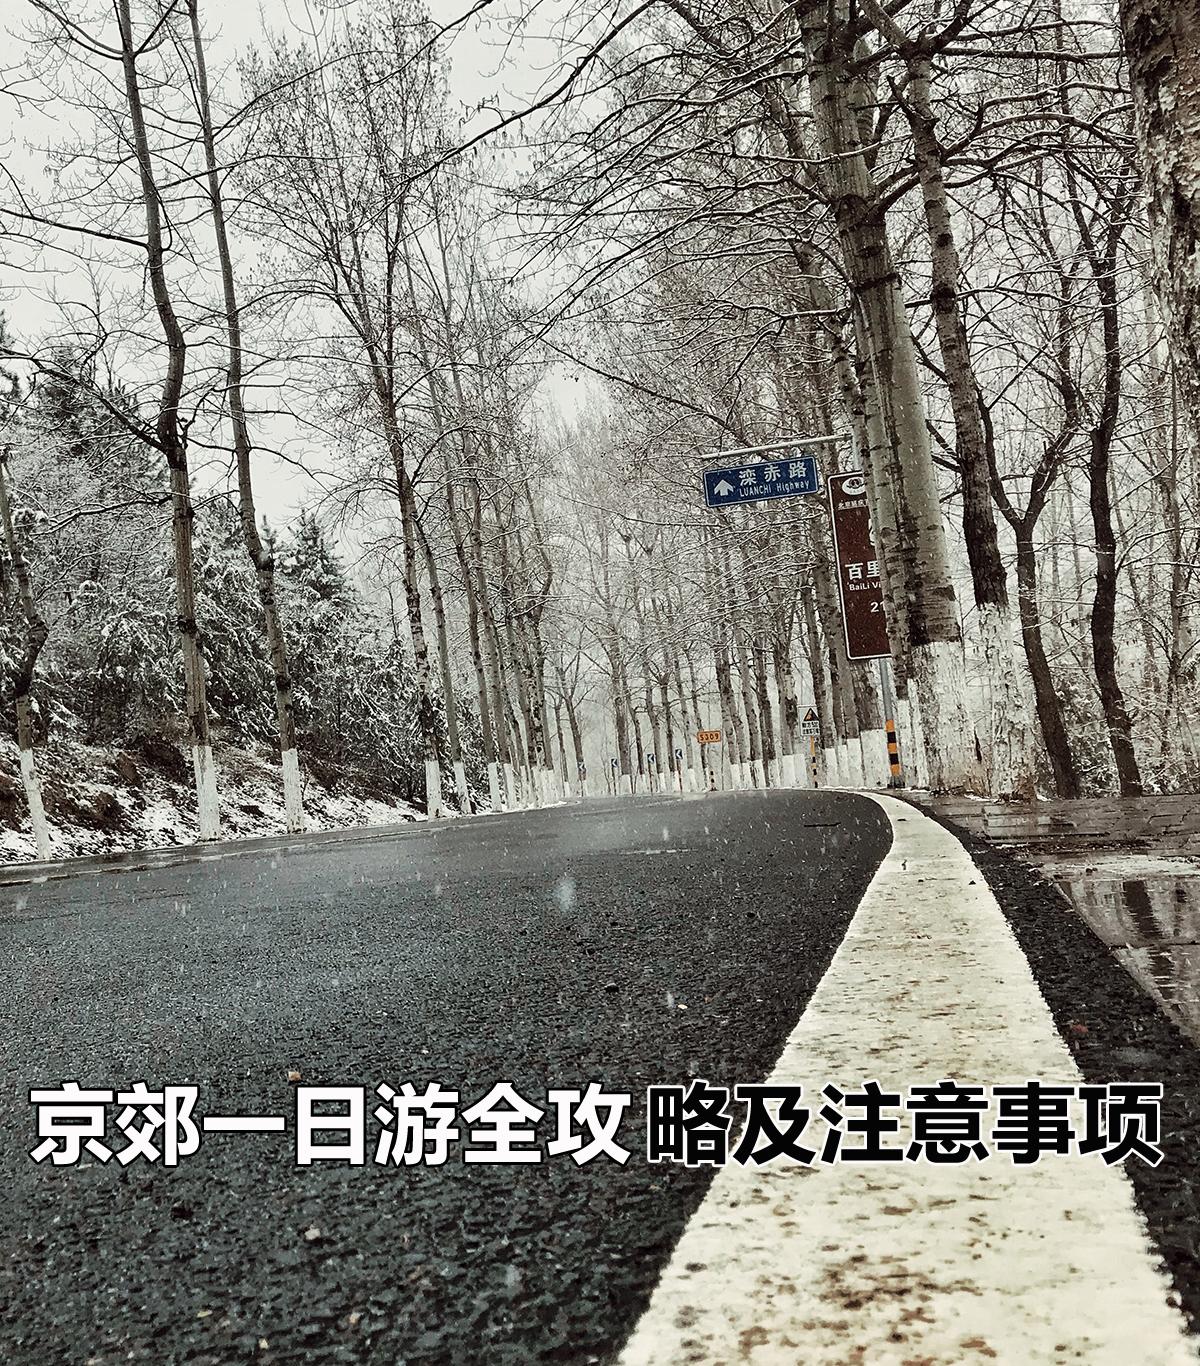 赏花+烧烤? 清明节京郊一日游全攻略及小贴士